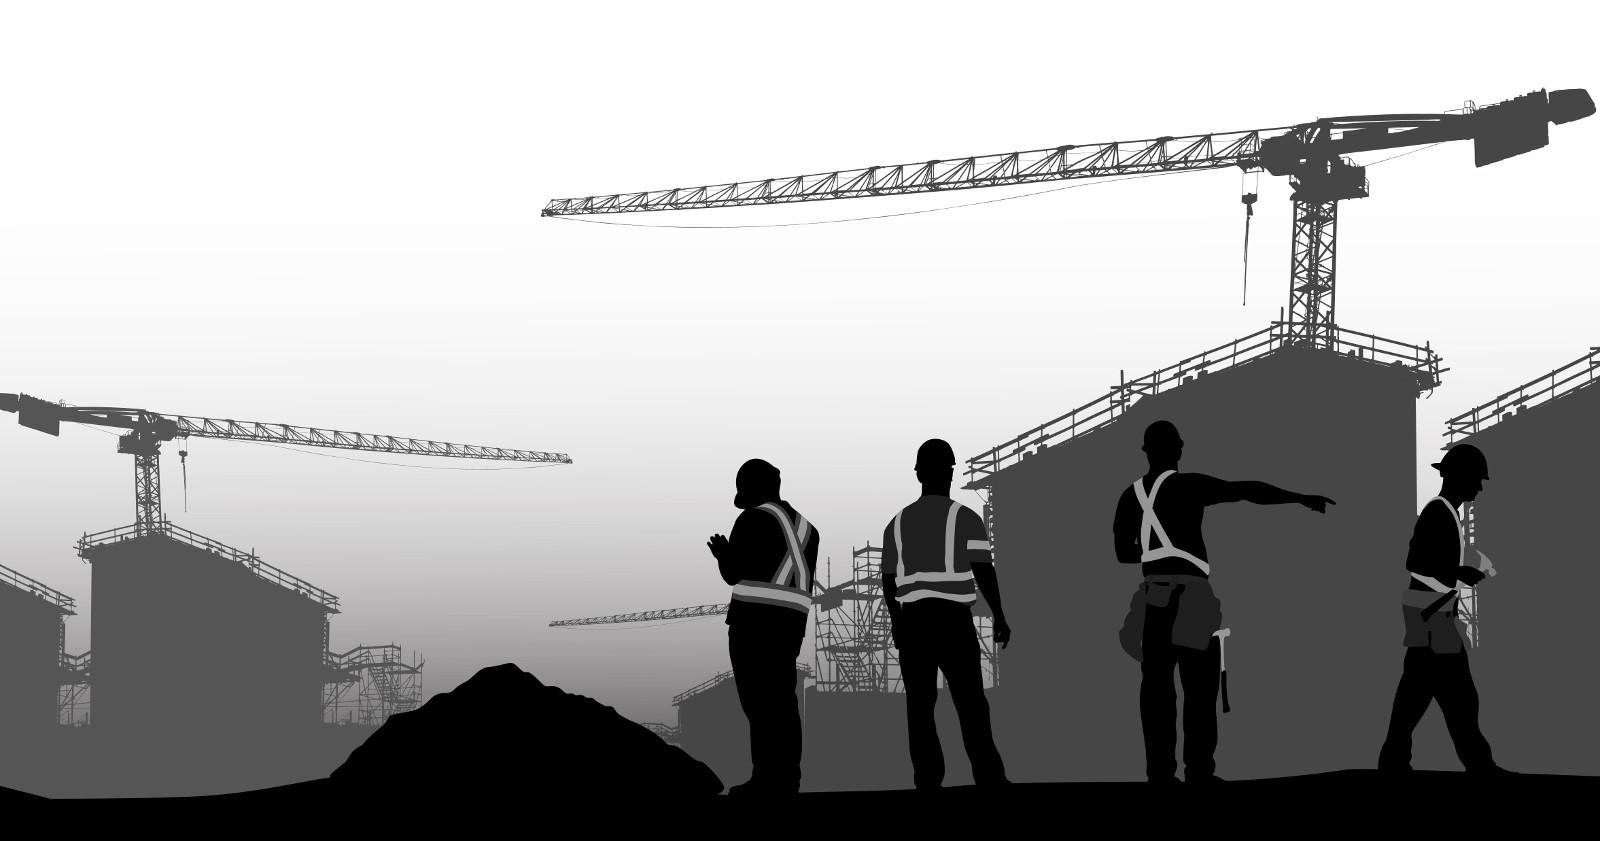 Winterbauheizung für Baustellen und Bautrocknung